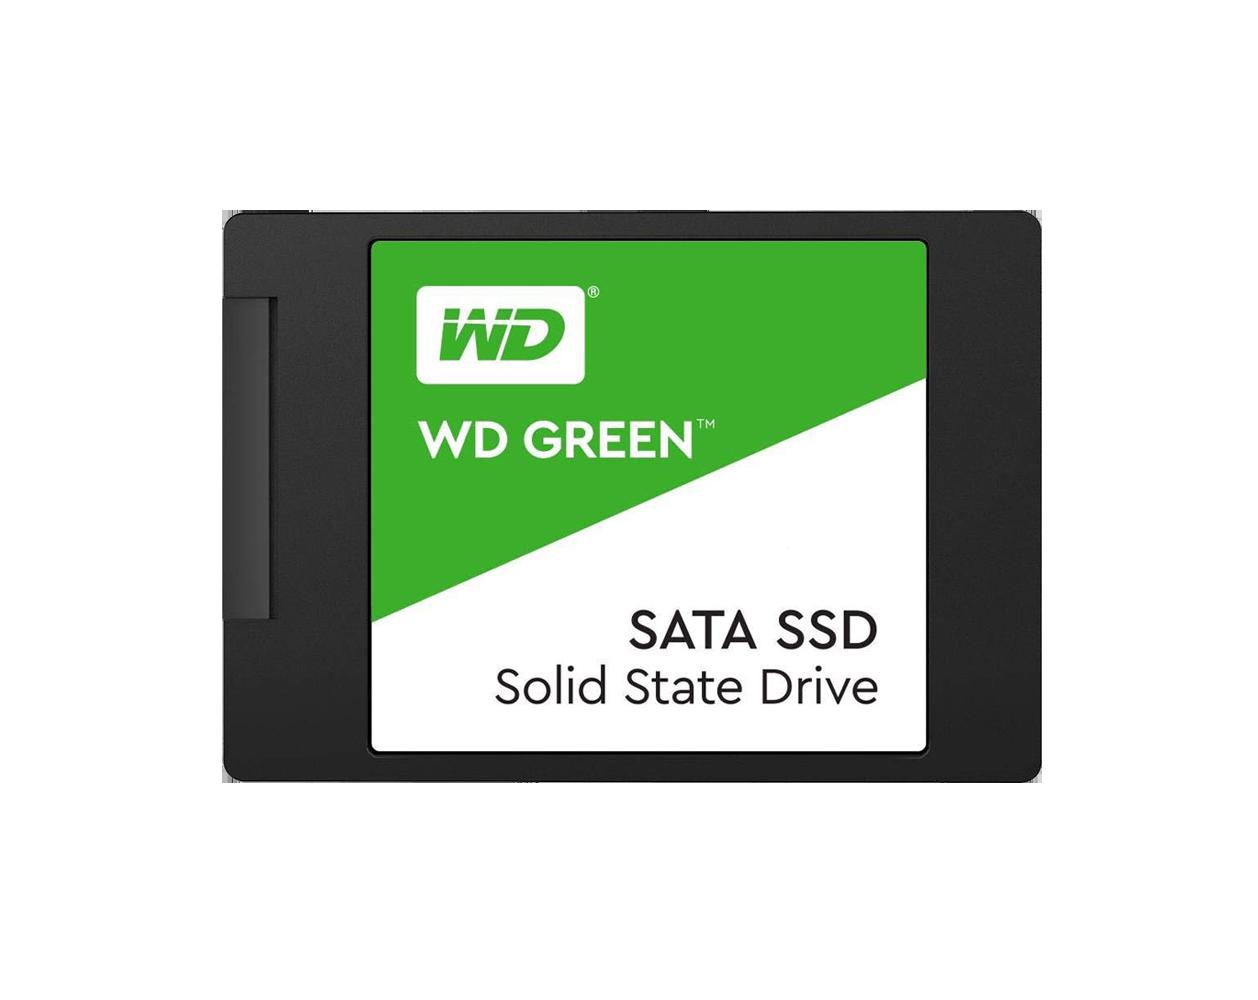 WD Green SSD 1TB